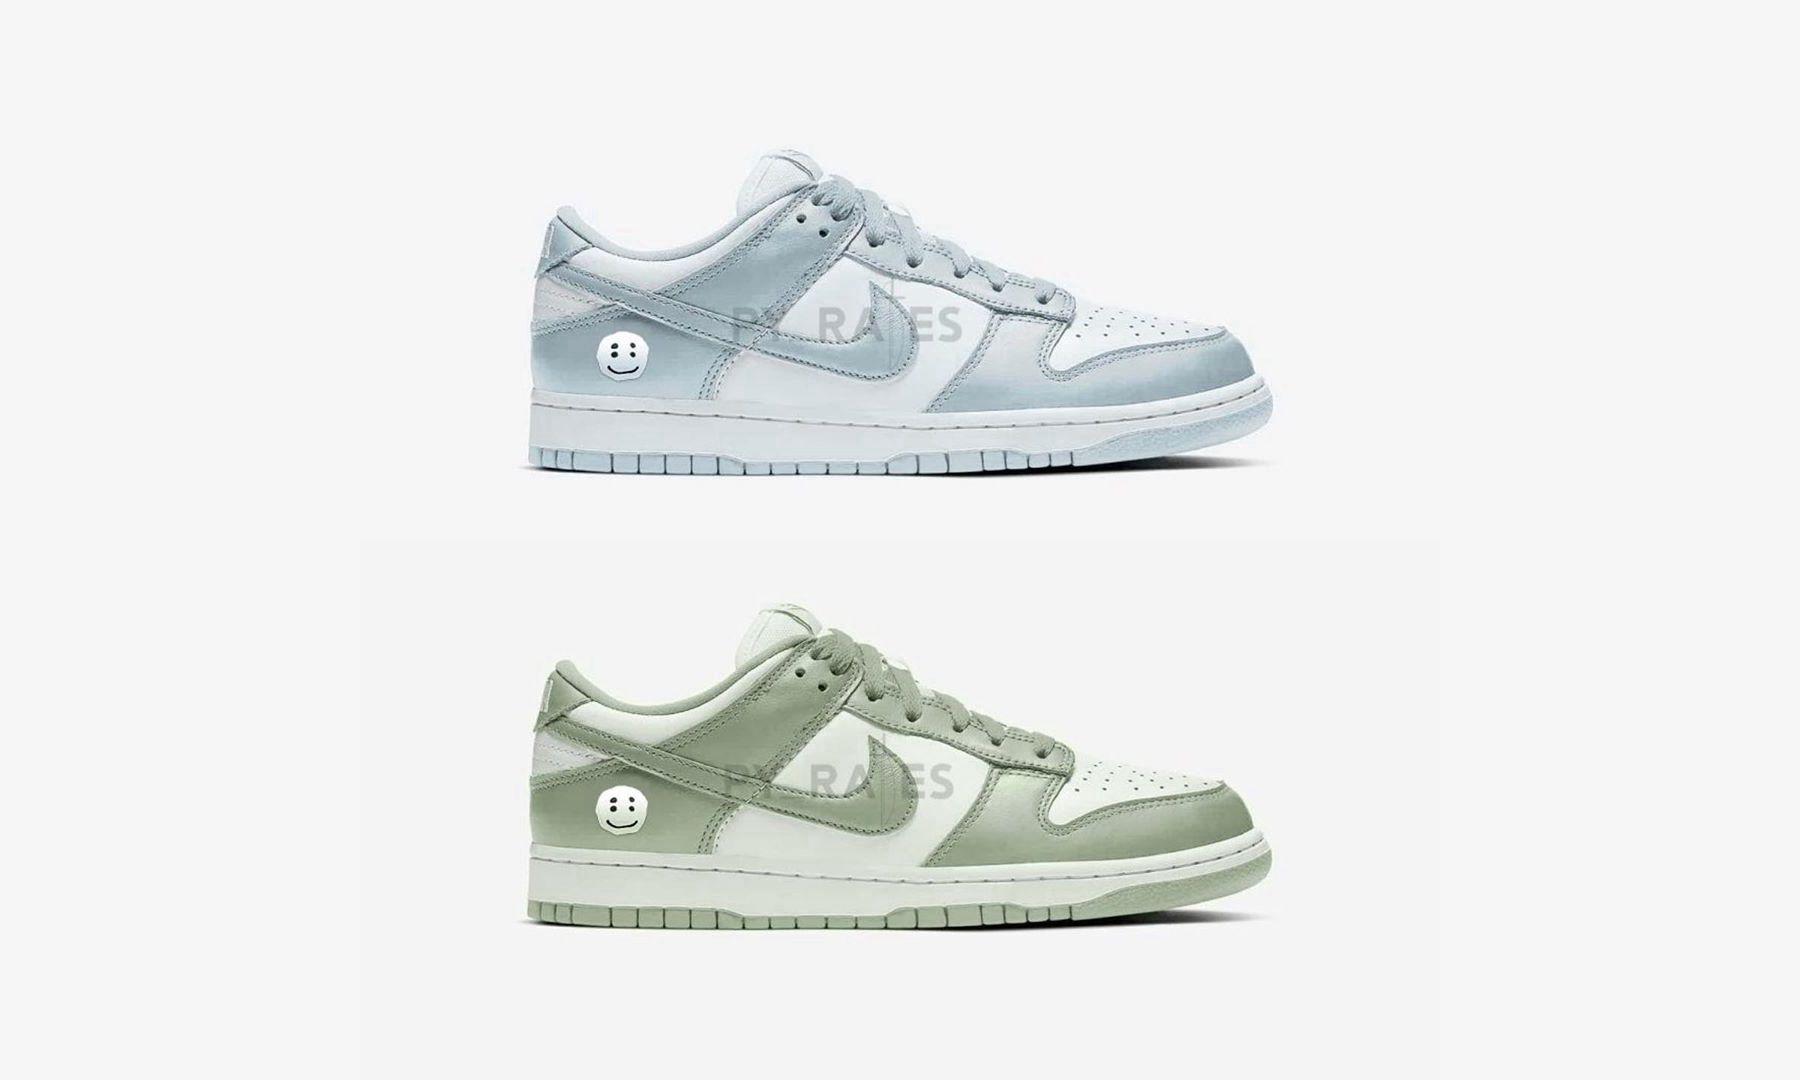 CPFM x Nike SB Dunk Low 全新联名鞋款首度公开